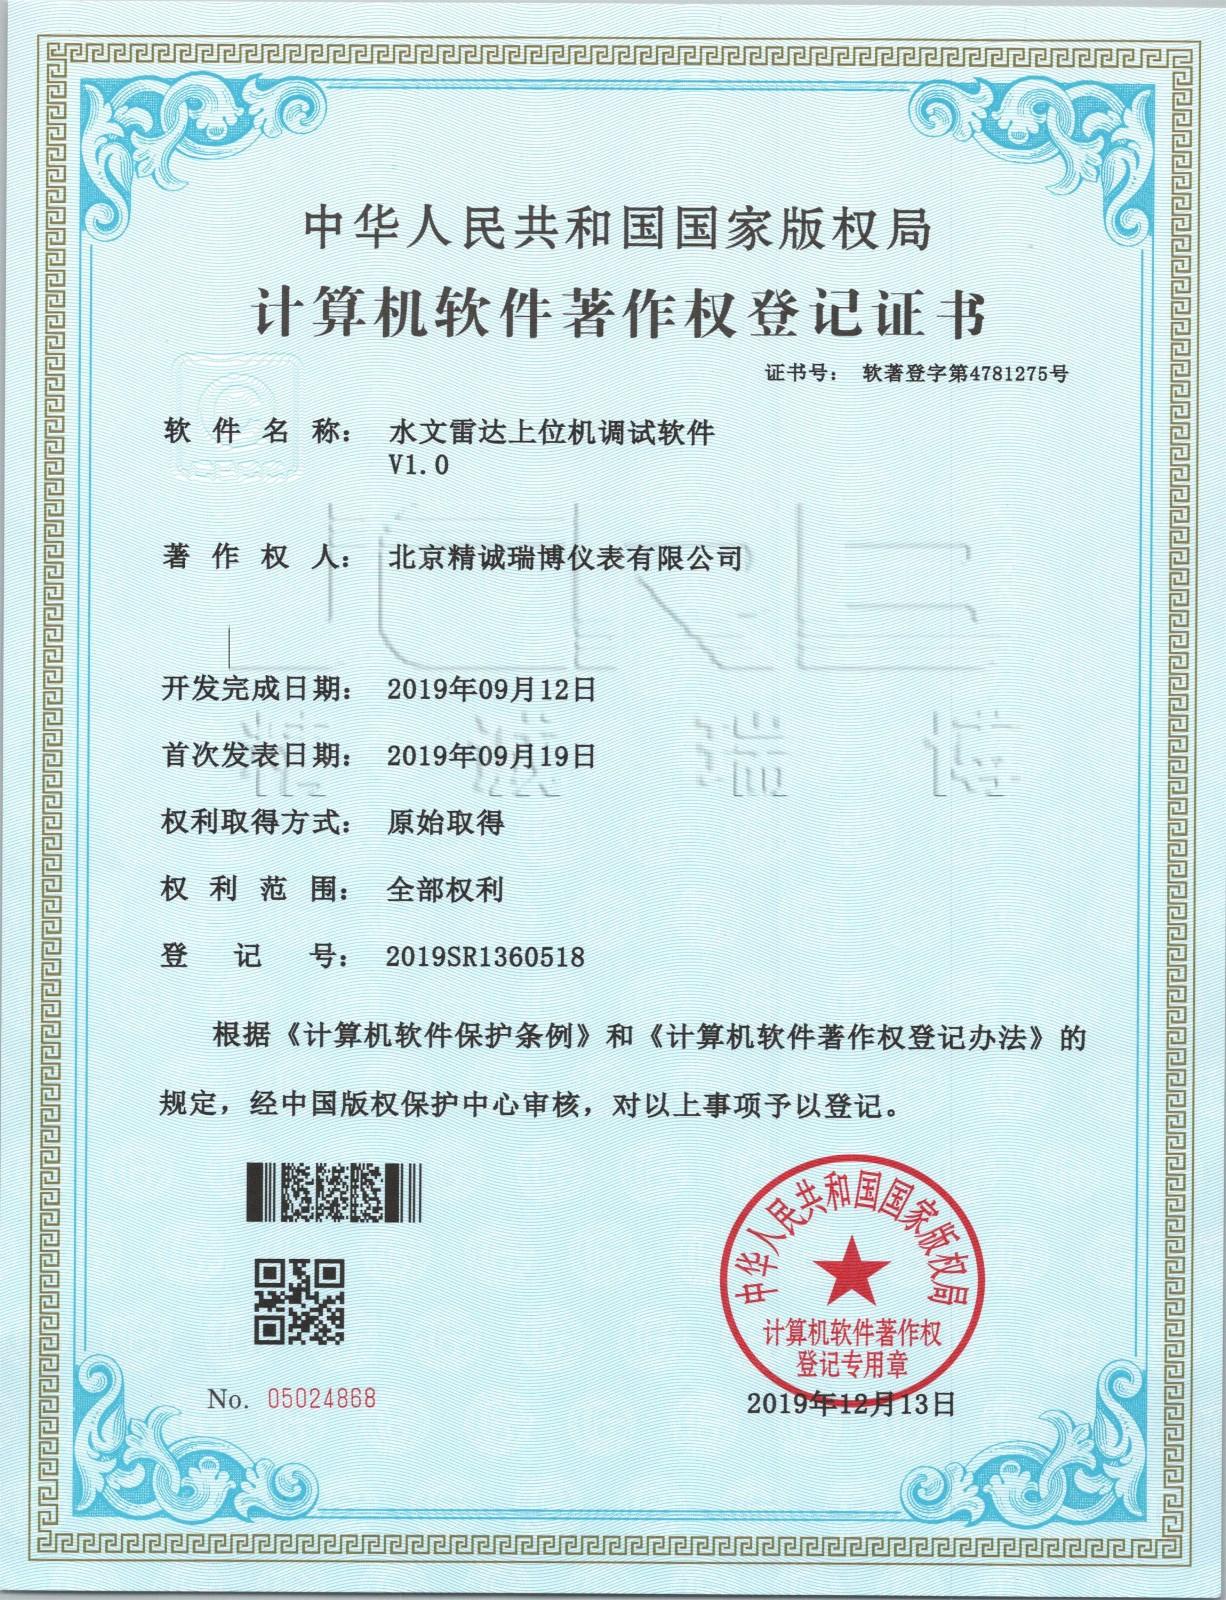 水文雷达上位机调试软件系统著作证书